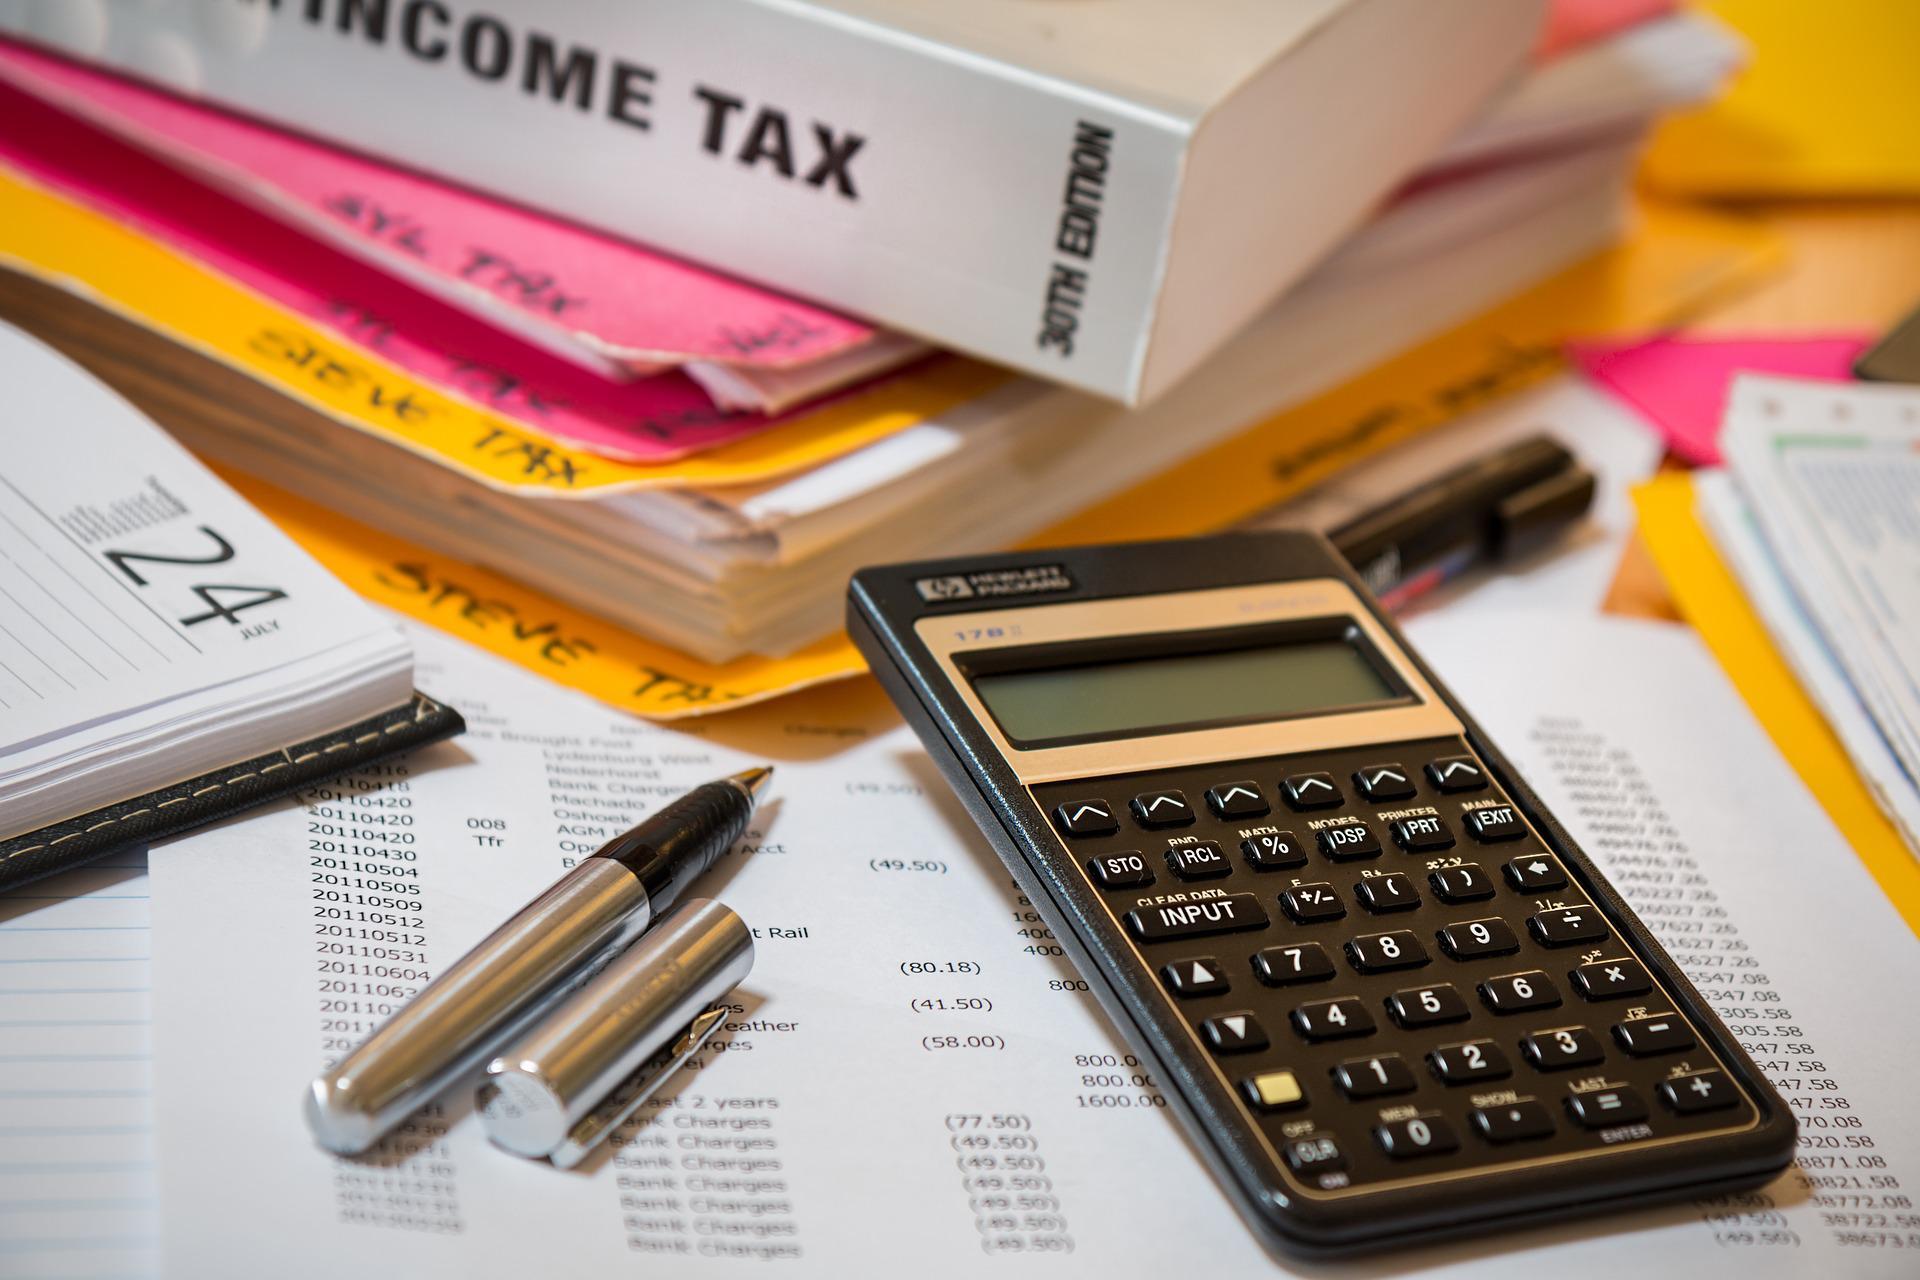 Сербия опубликовала обновленное на основании MLI BEPS налоговое соглашение с Данией